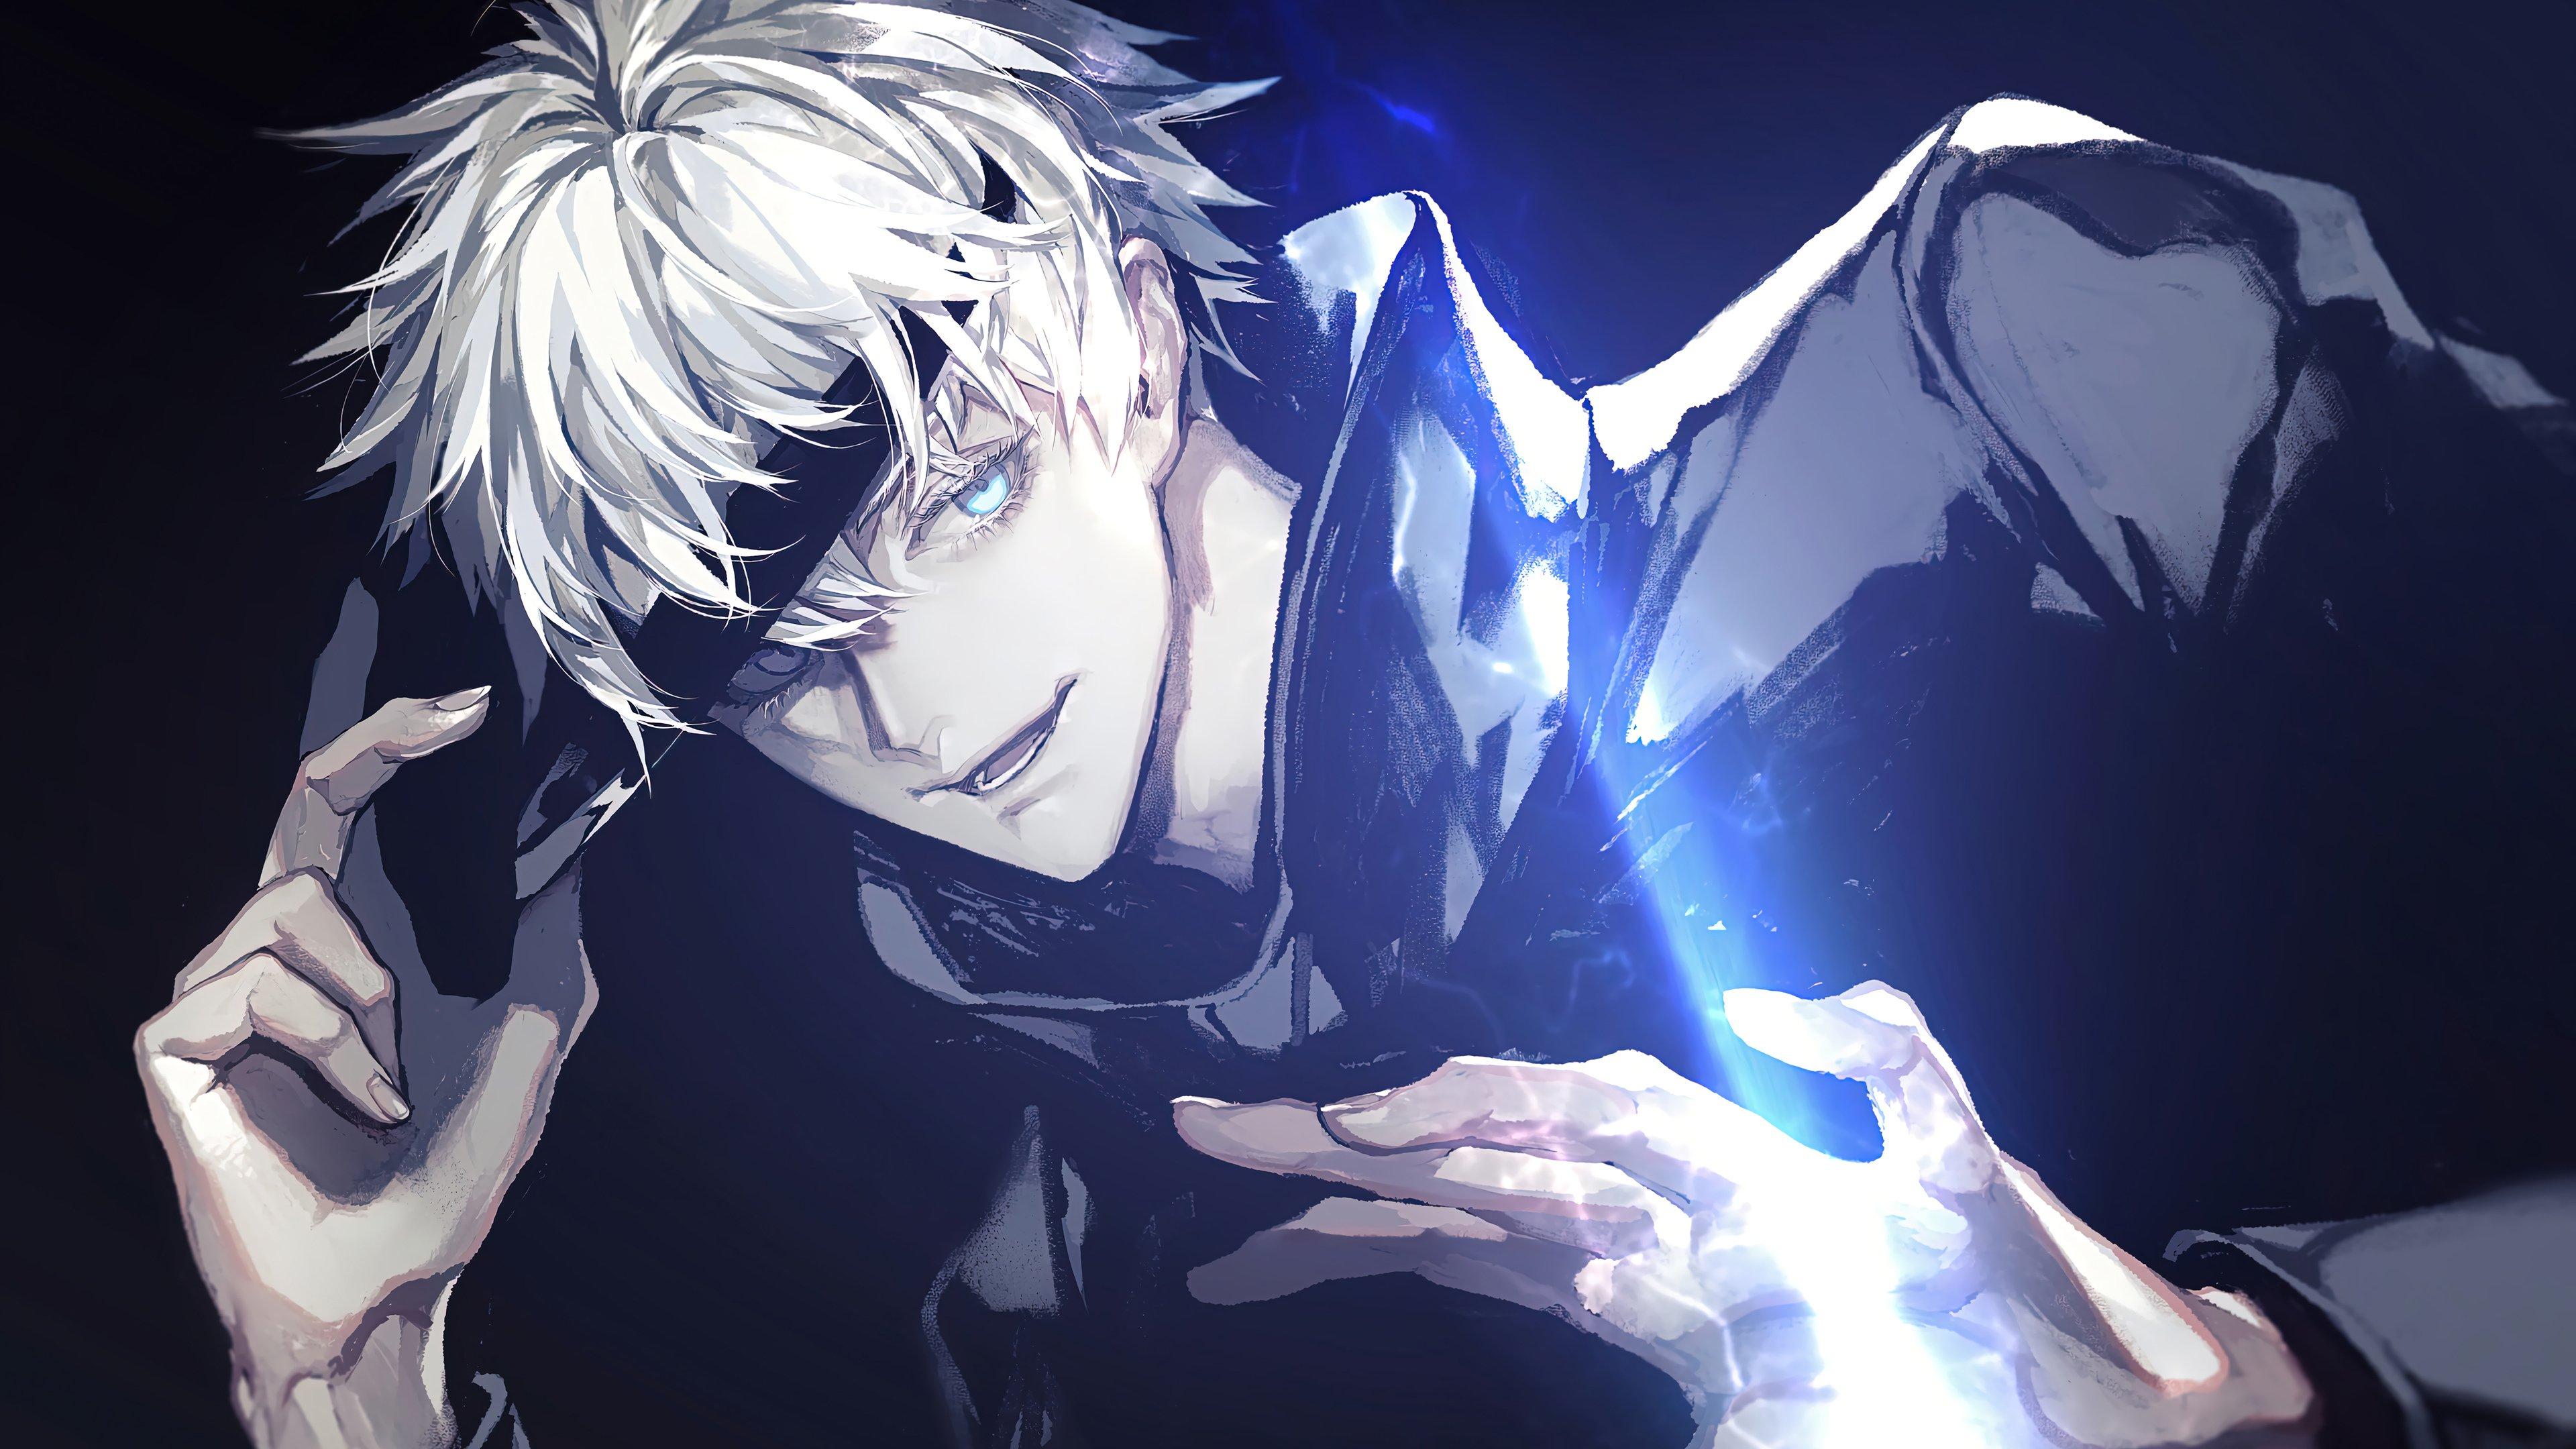 Fondos de pantalla Anime Satoru Gojo de Jujutsu Kaisen